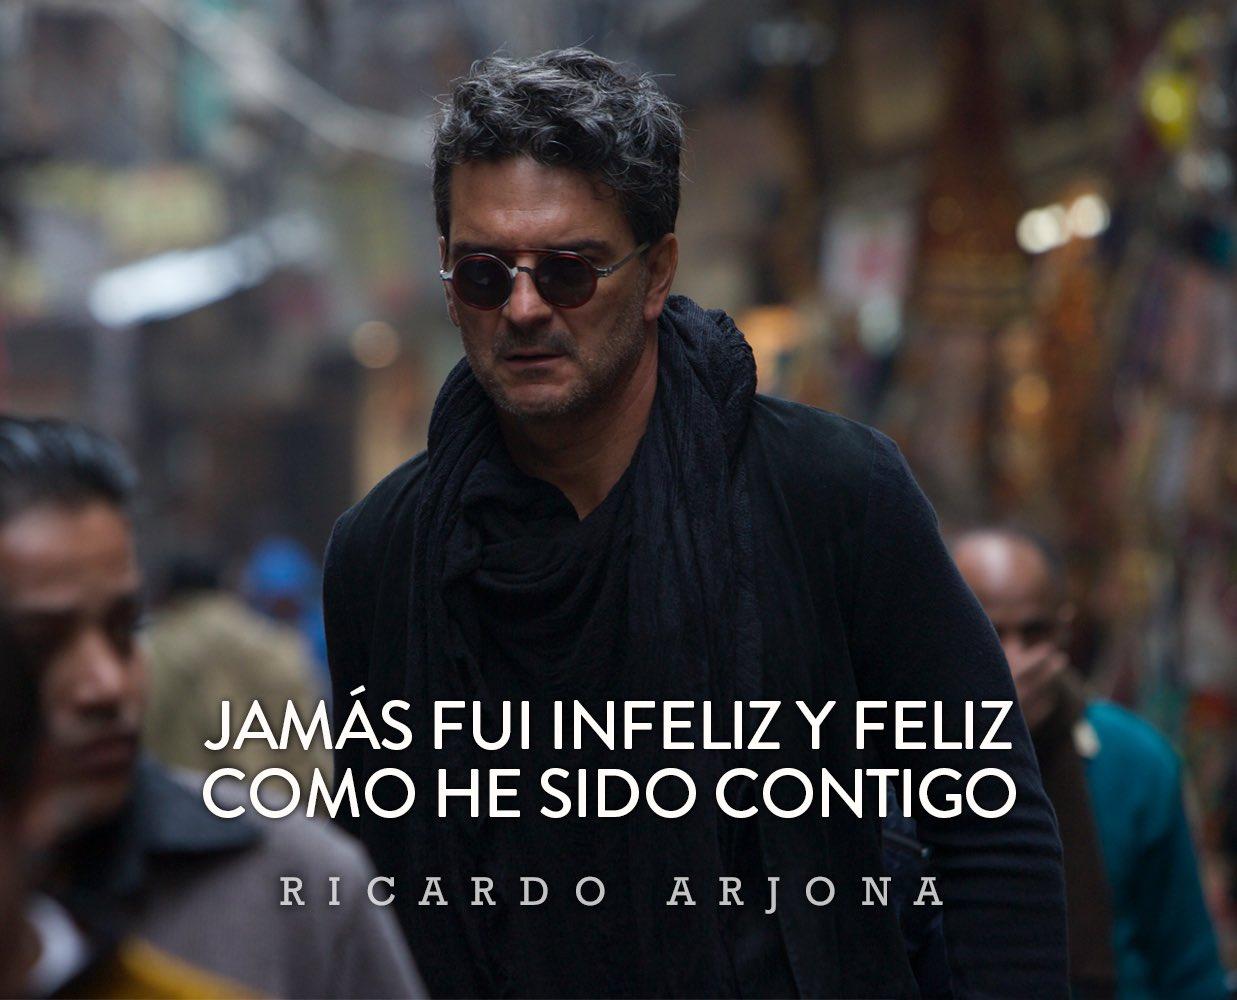 Ricardo Arjona On Twitter Si Tu No Existieras Frasesarjona 54